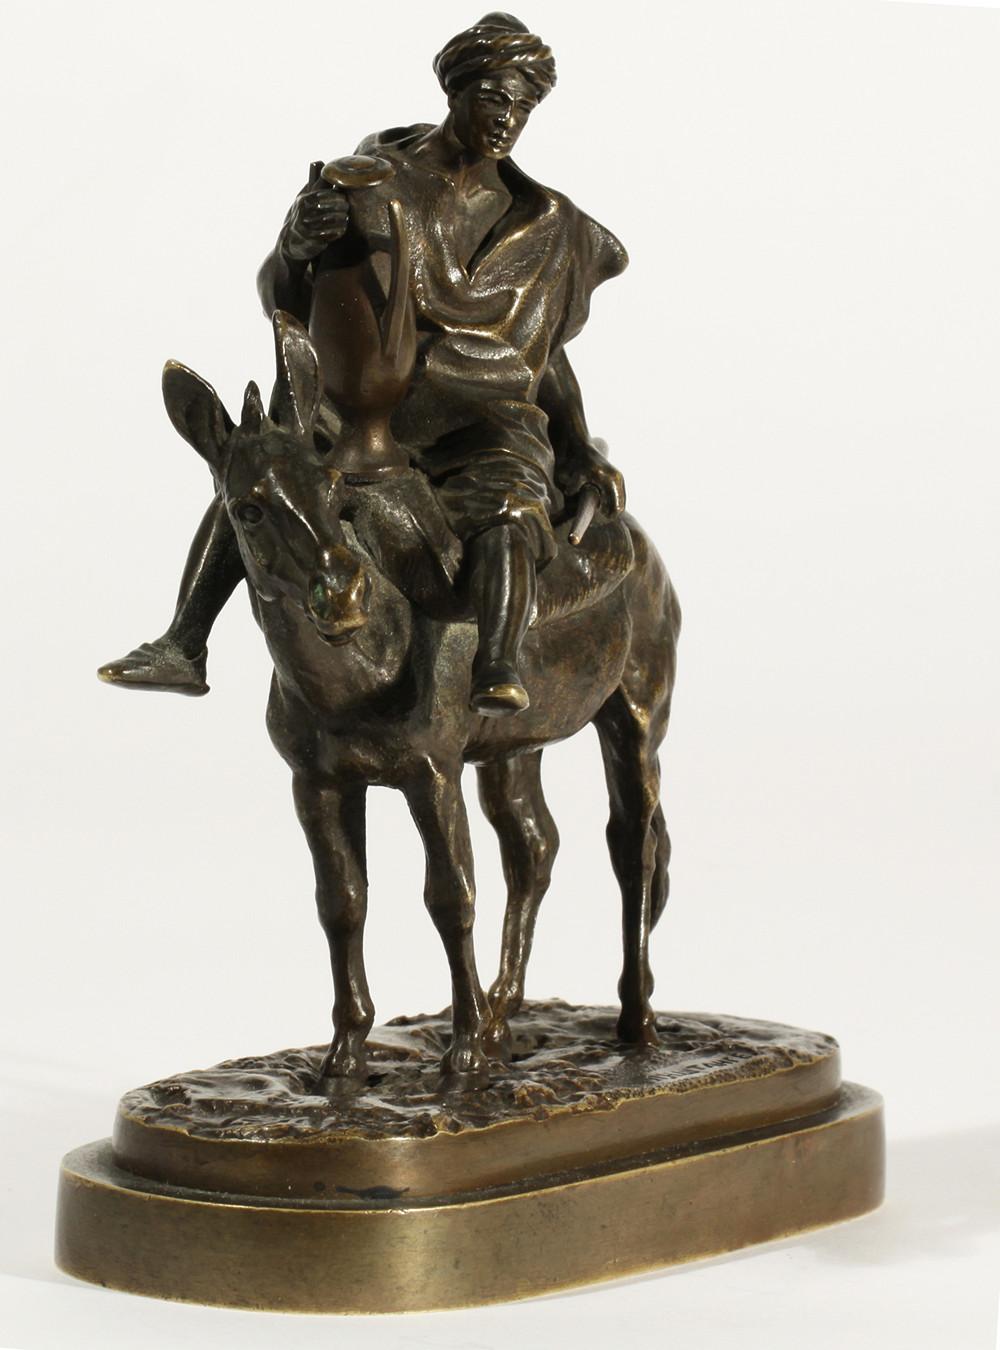 arab - small-fellah-arab-boy-camfora-donkey-rider-cyrillic-lanceray-signature-marcado